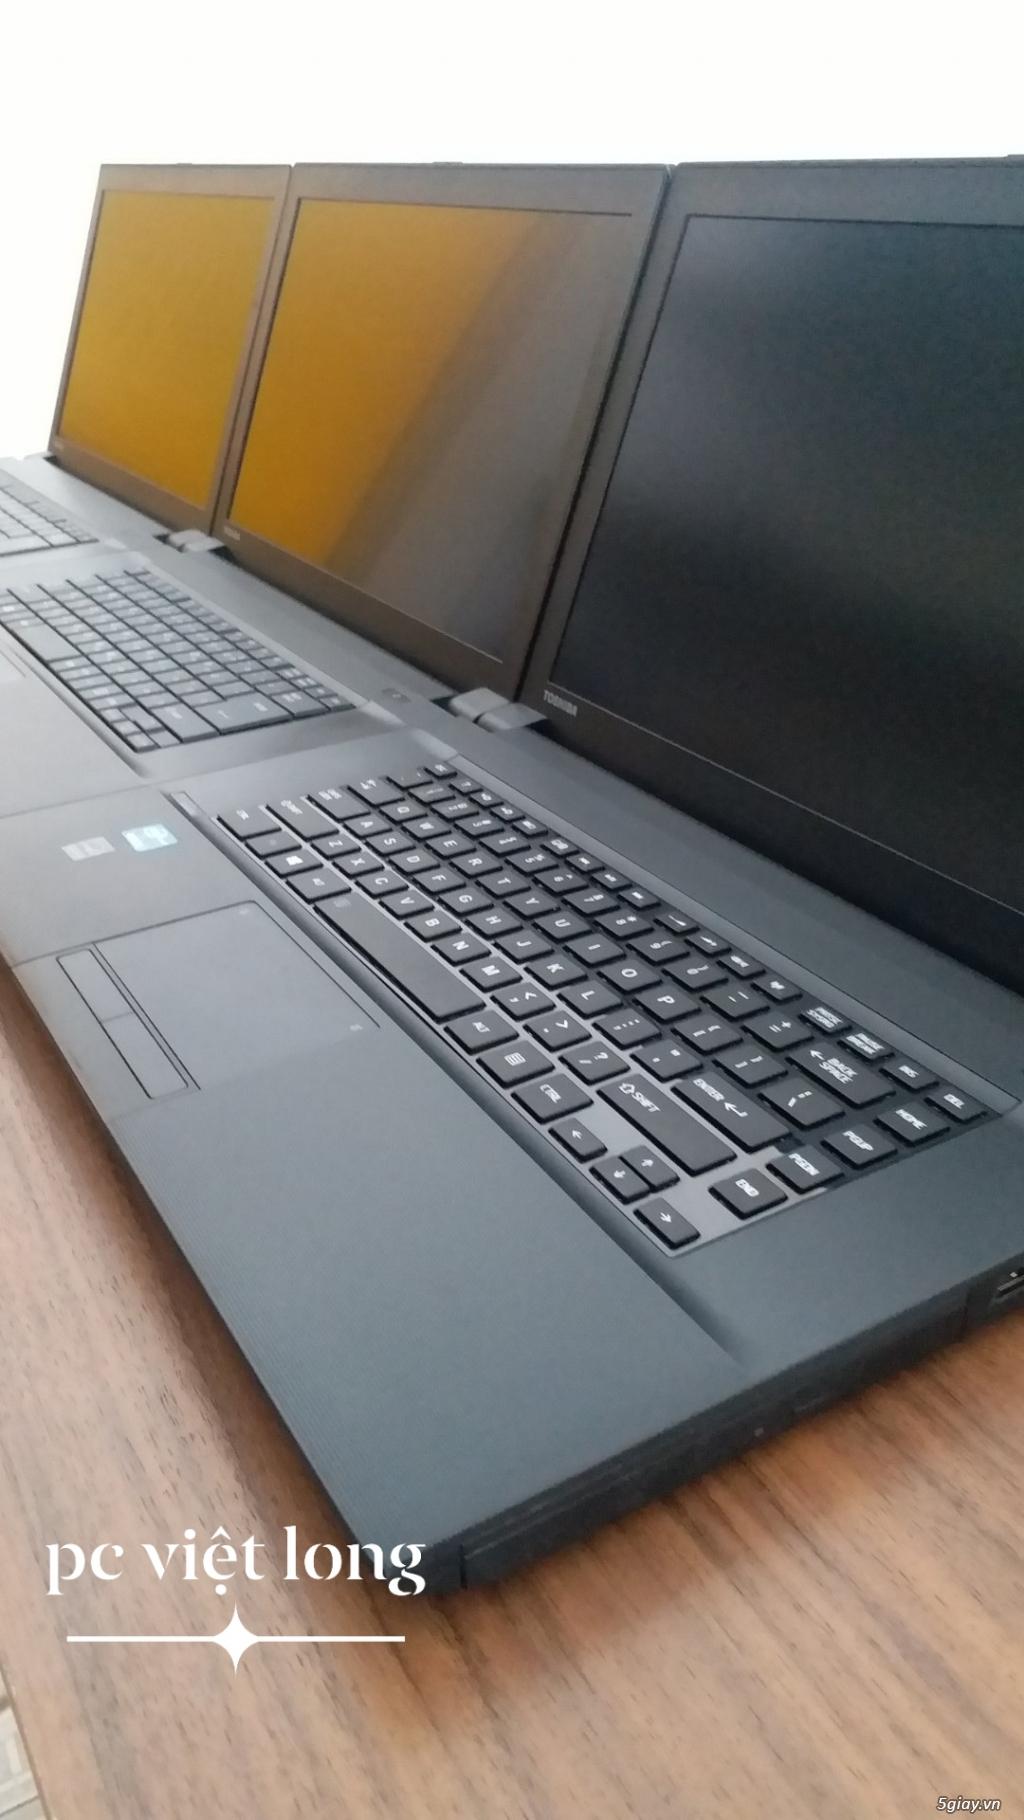 Bán laptop giá rẻ - chỉ 2.5 triệu 0908 338 716   gọi ngay - 1